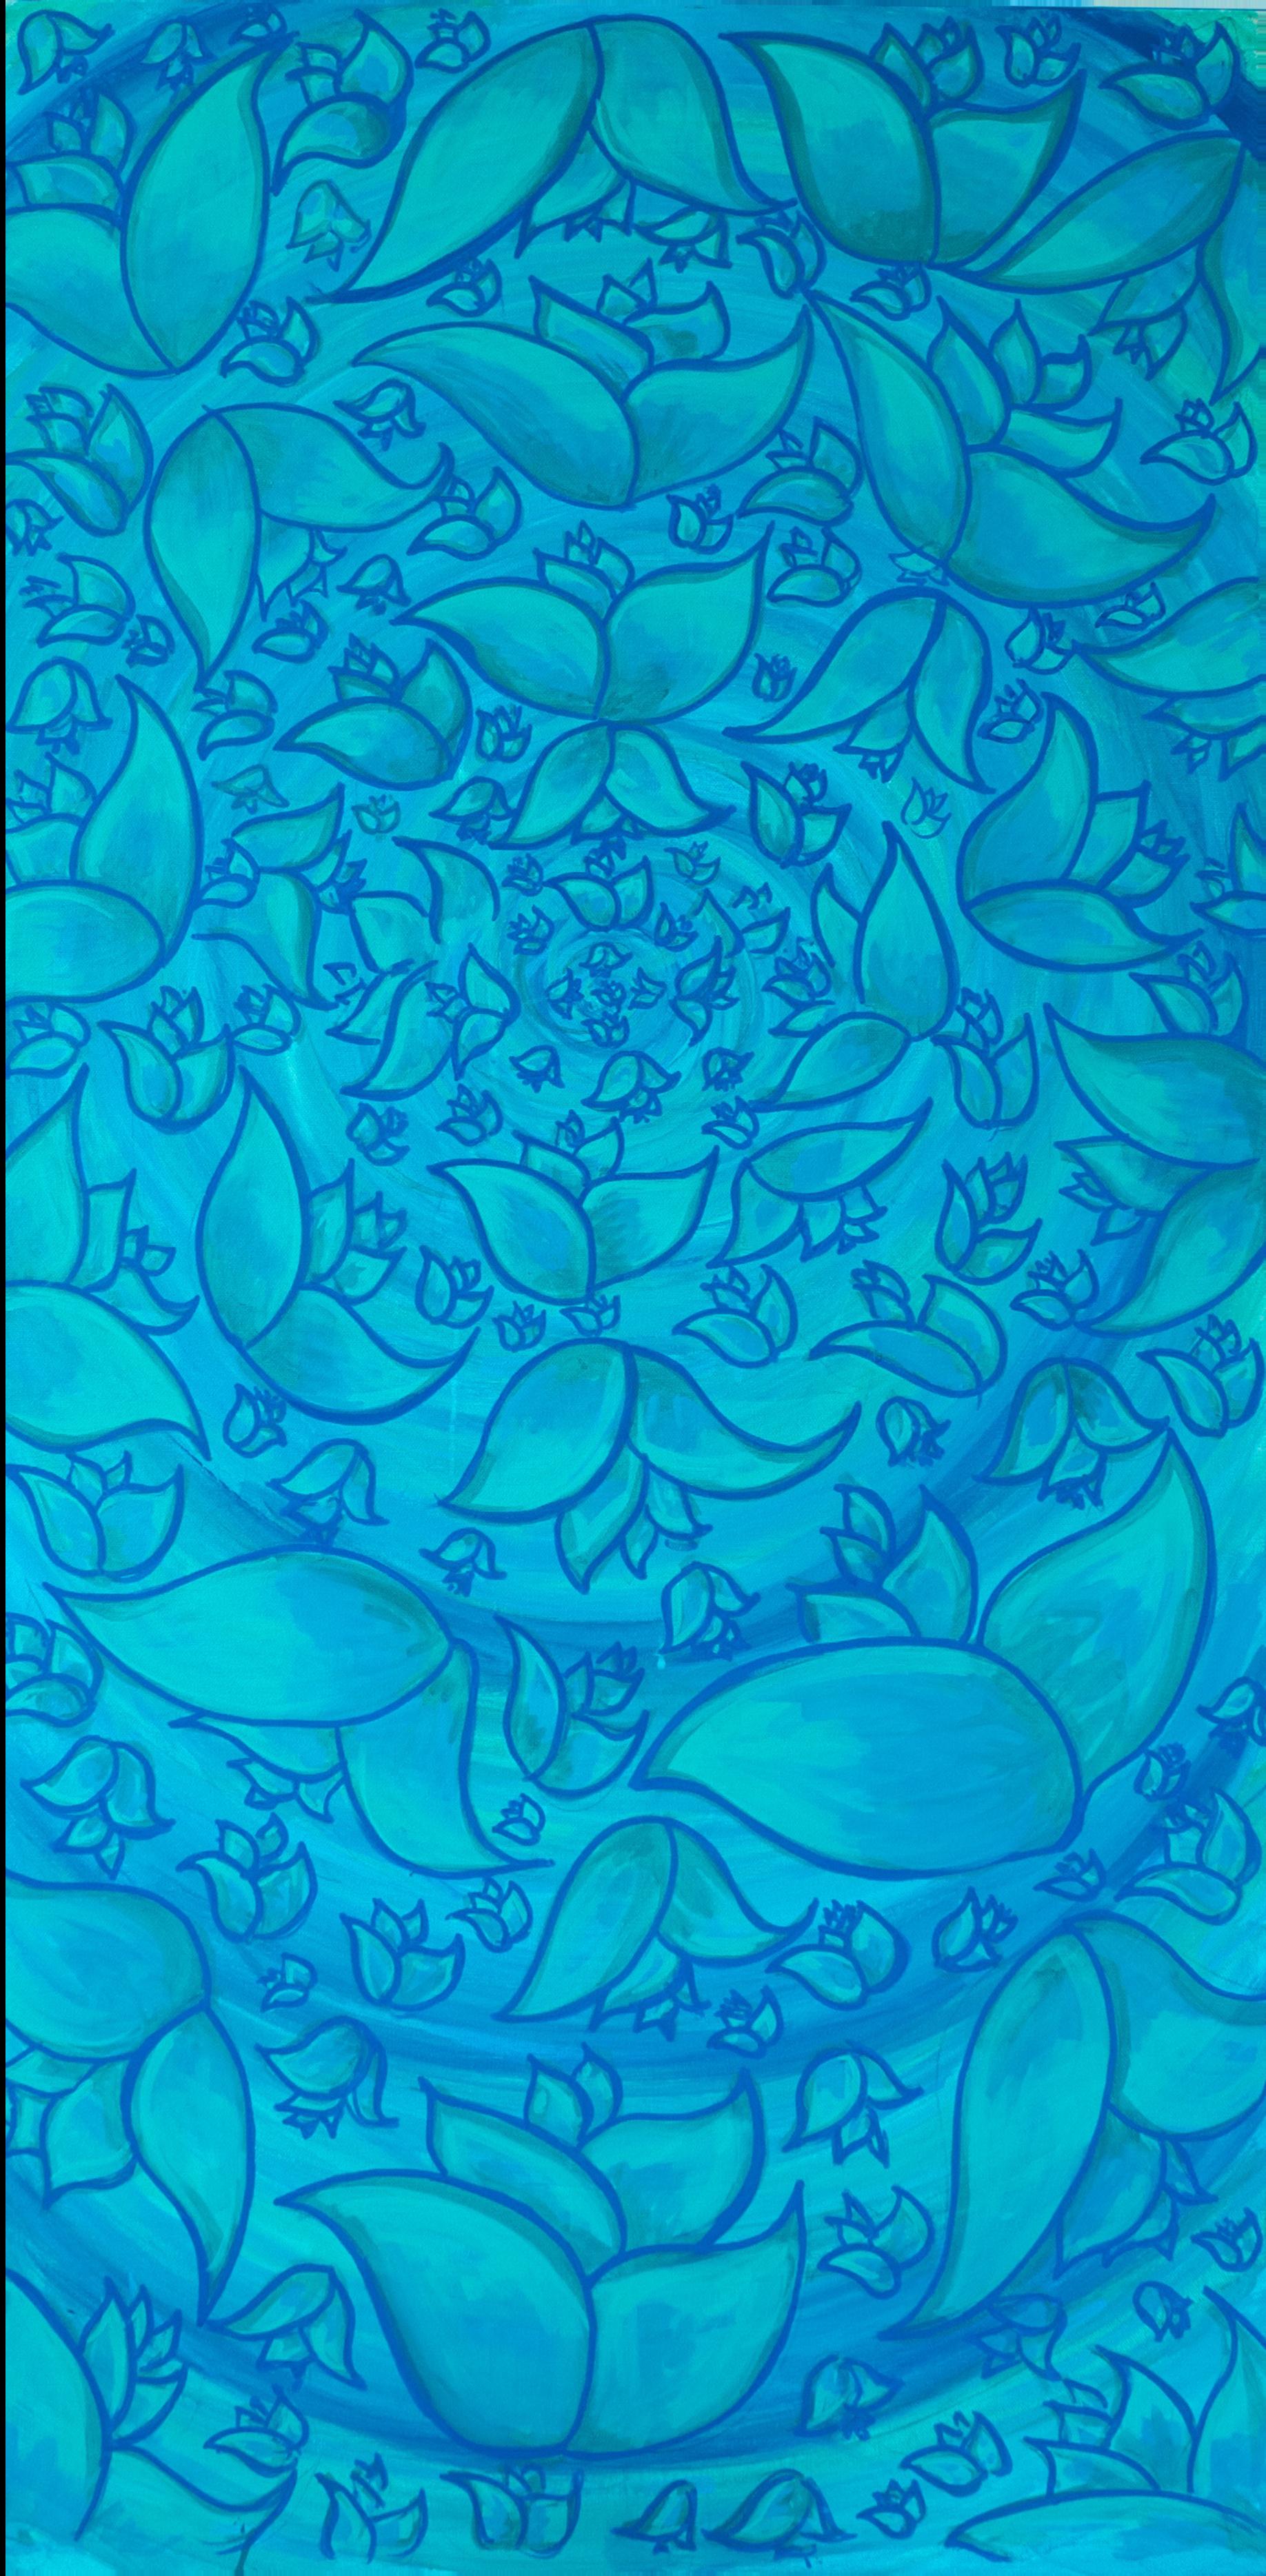 Blue Floral Vortex